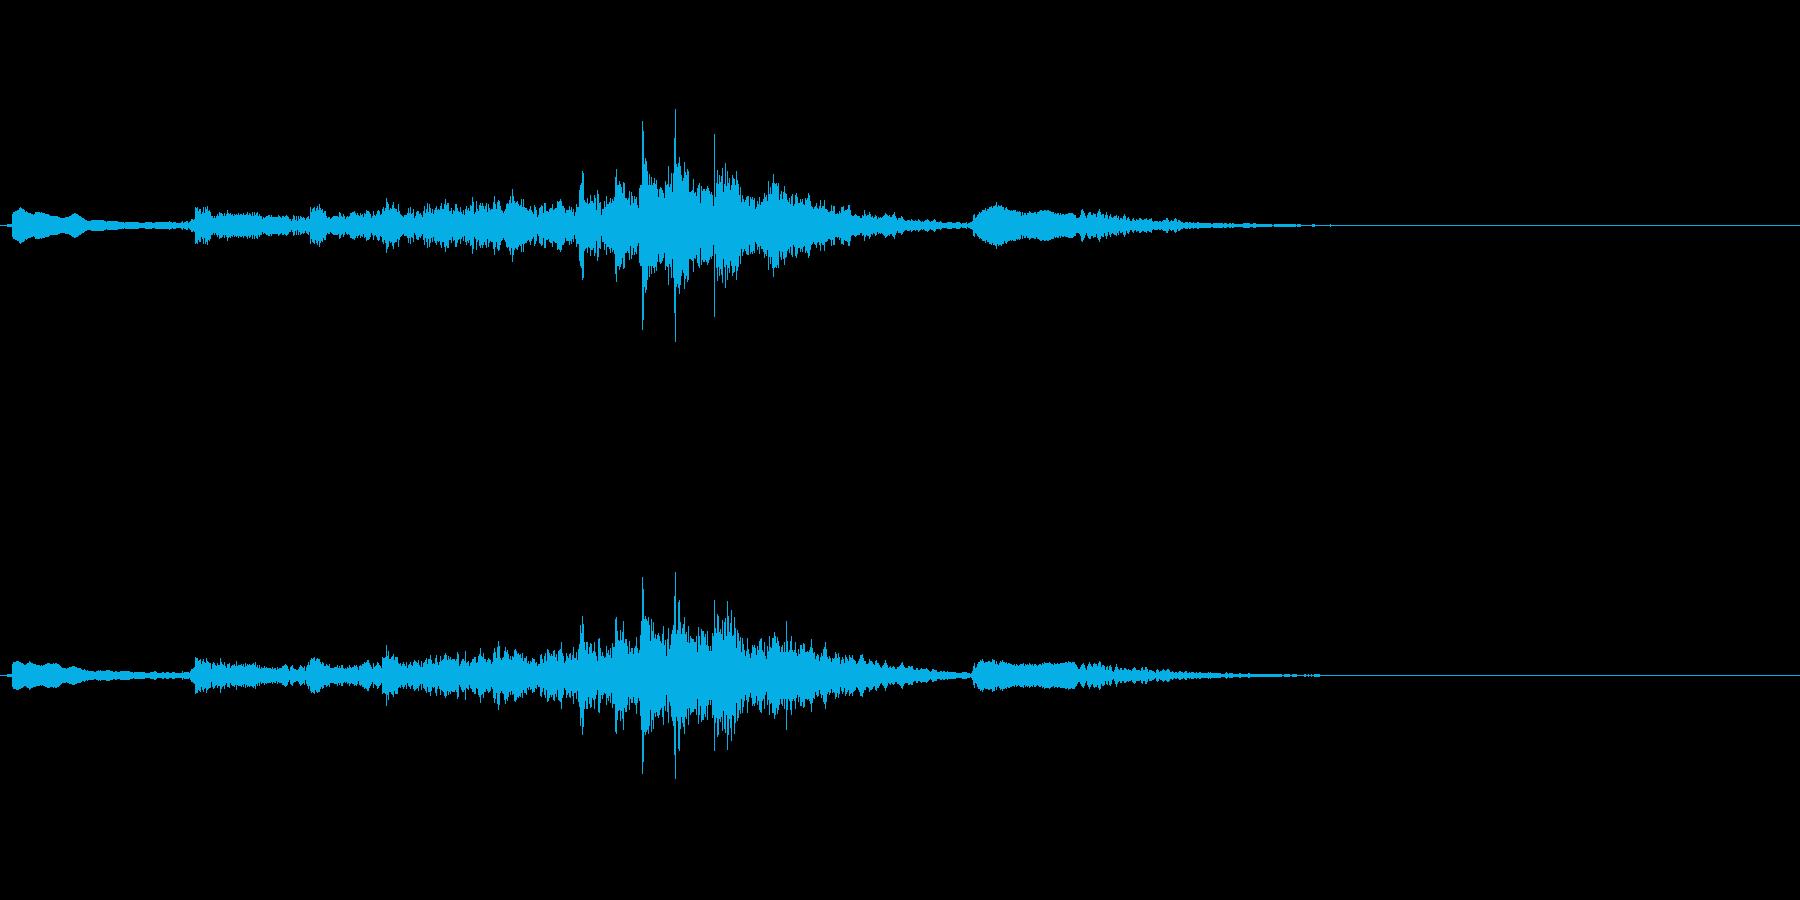 生演奏 琵琶 和風 古典風 残響有#7の再生済みの波形